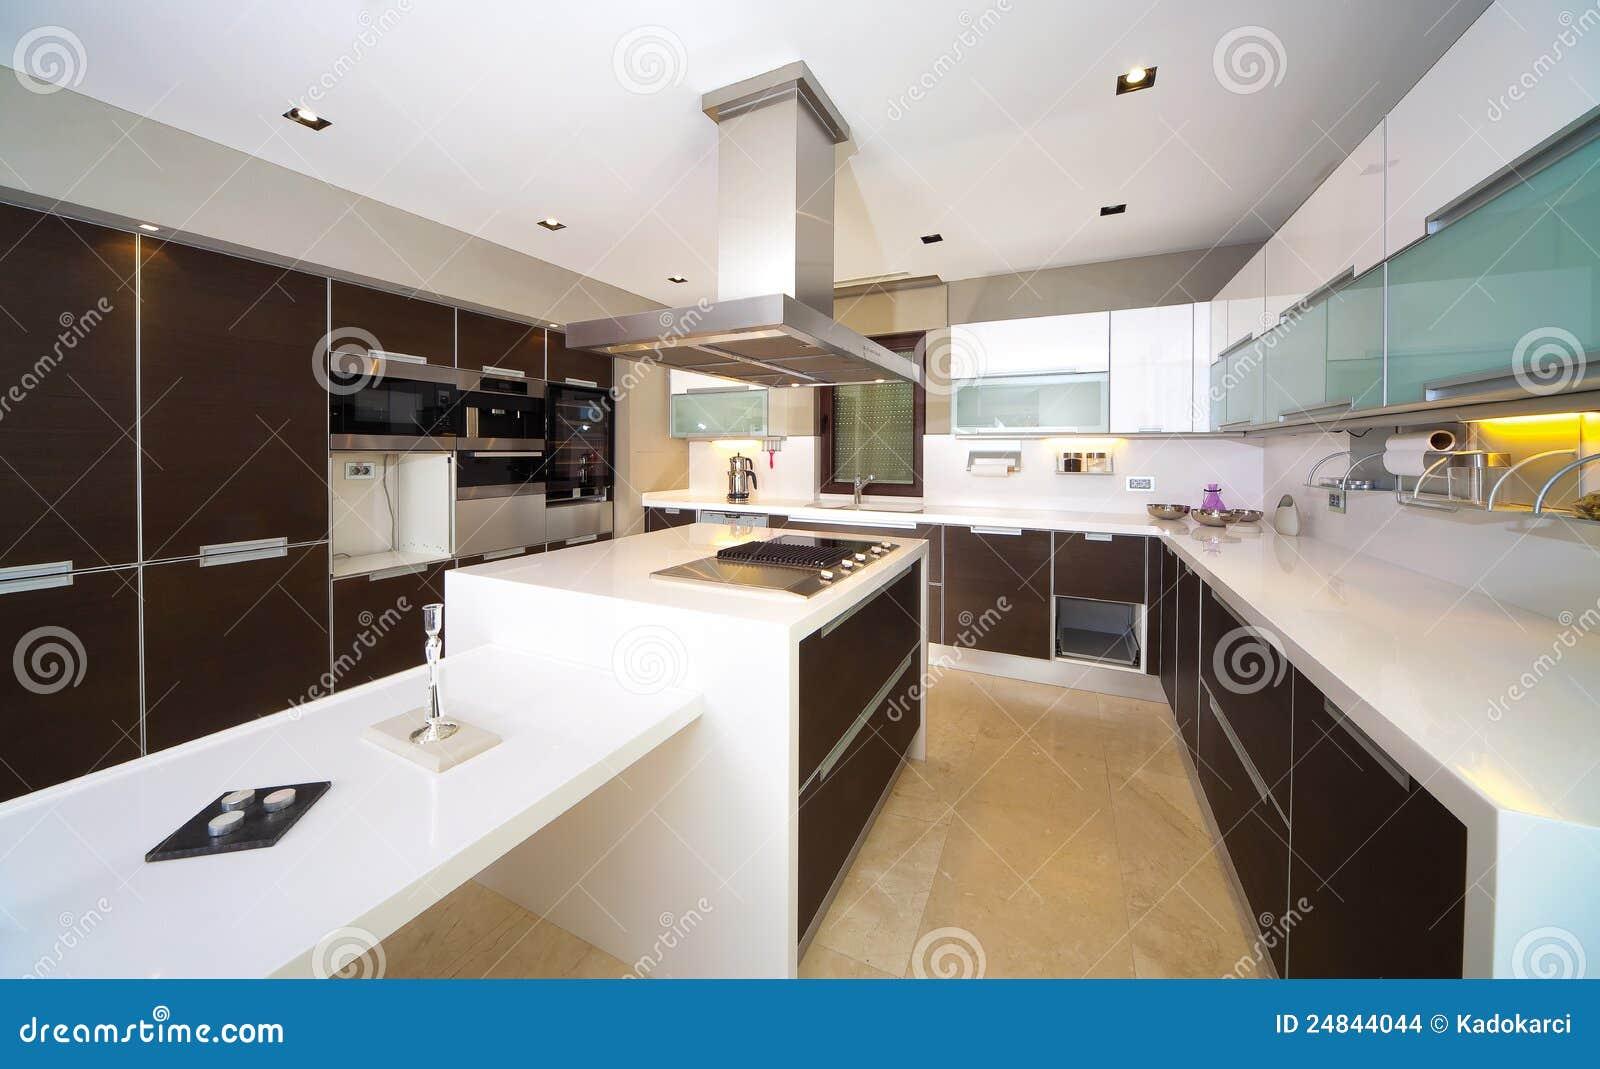 Moderne keuken stock foto afbeelding bestaande uit microgolf 24844044 - Afbeelding moderne keuken ...